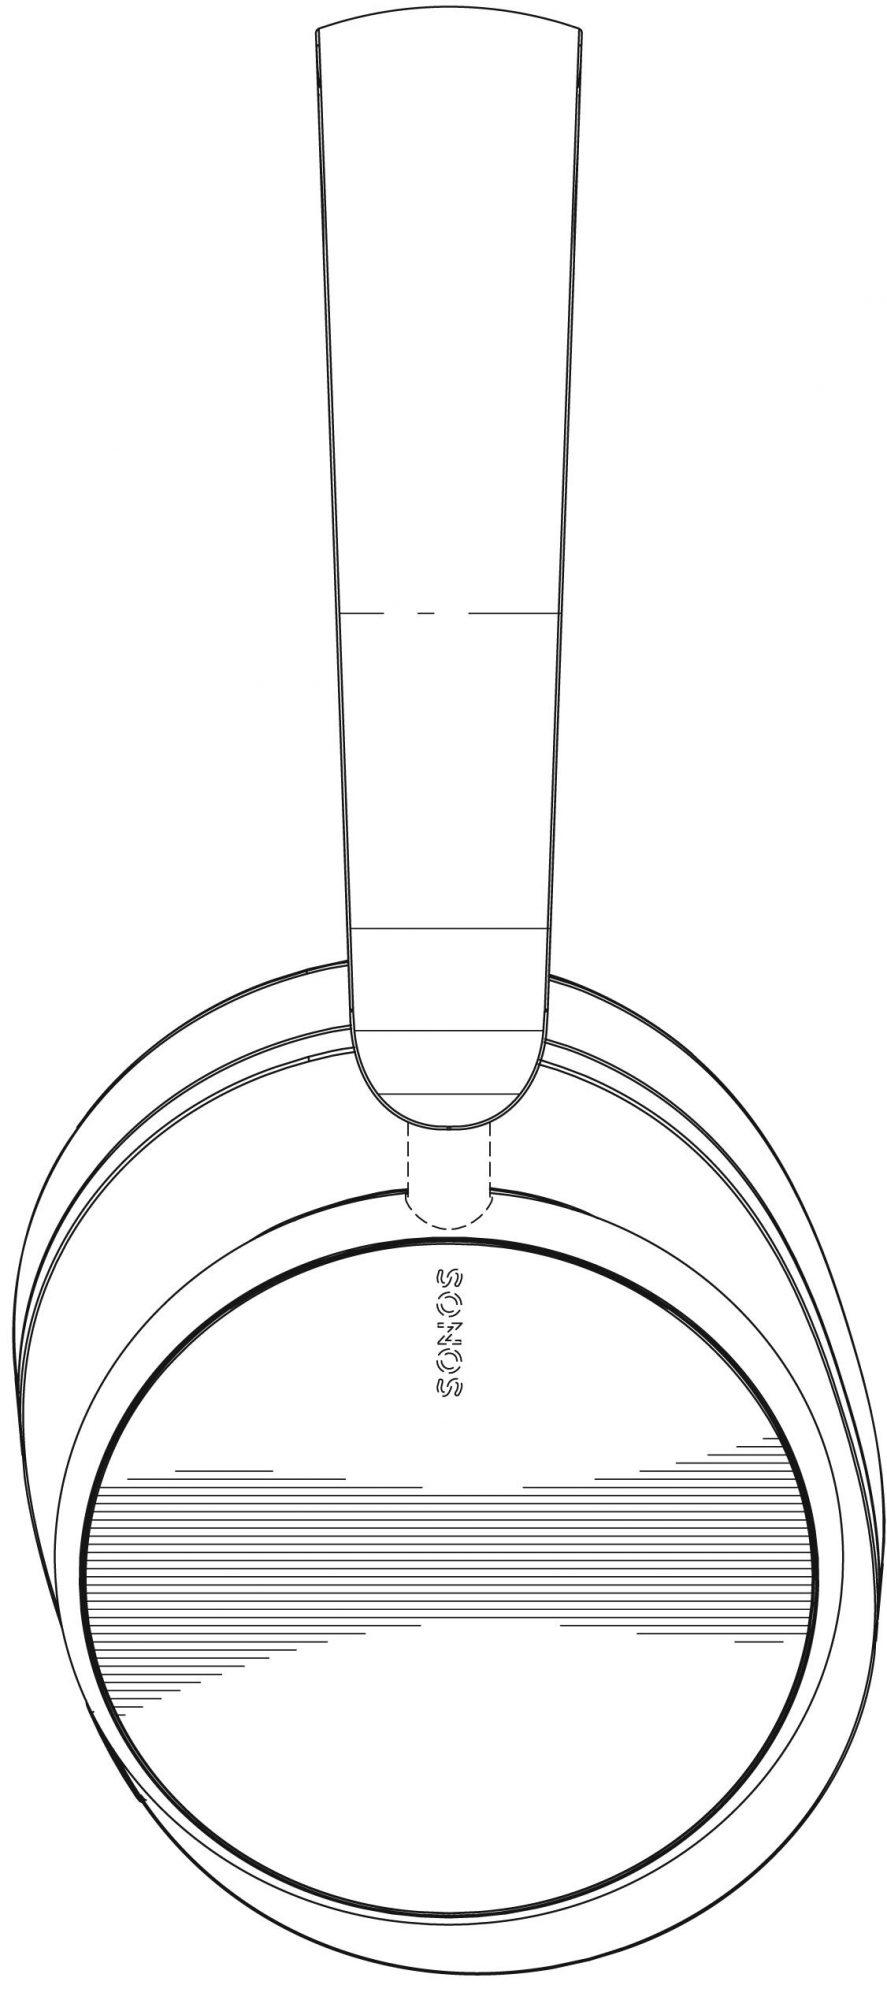 Sonos-headphones-5-887x2000